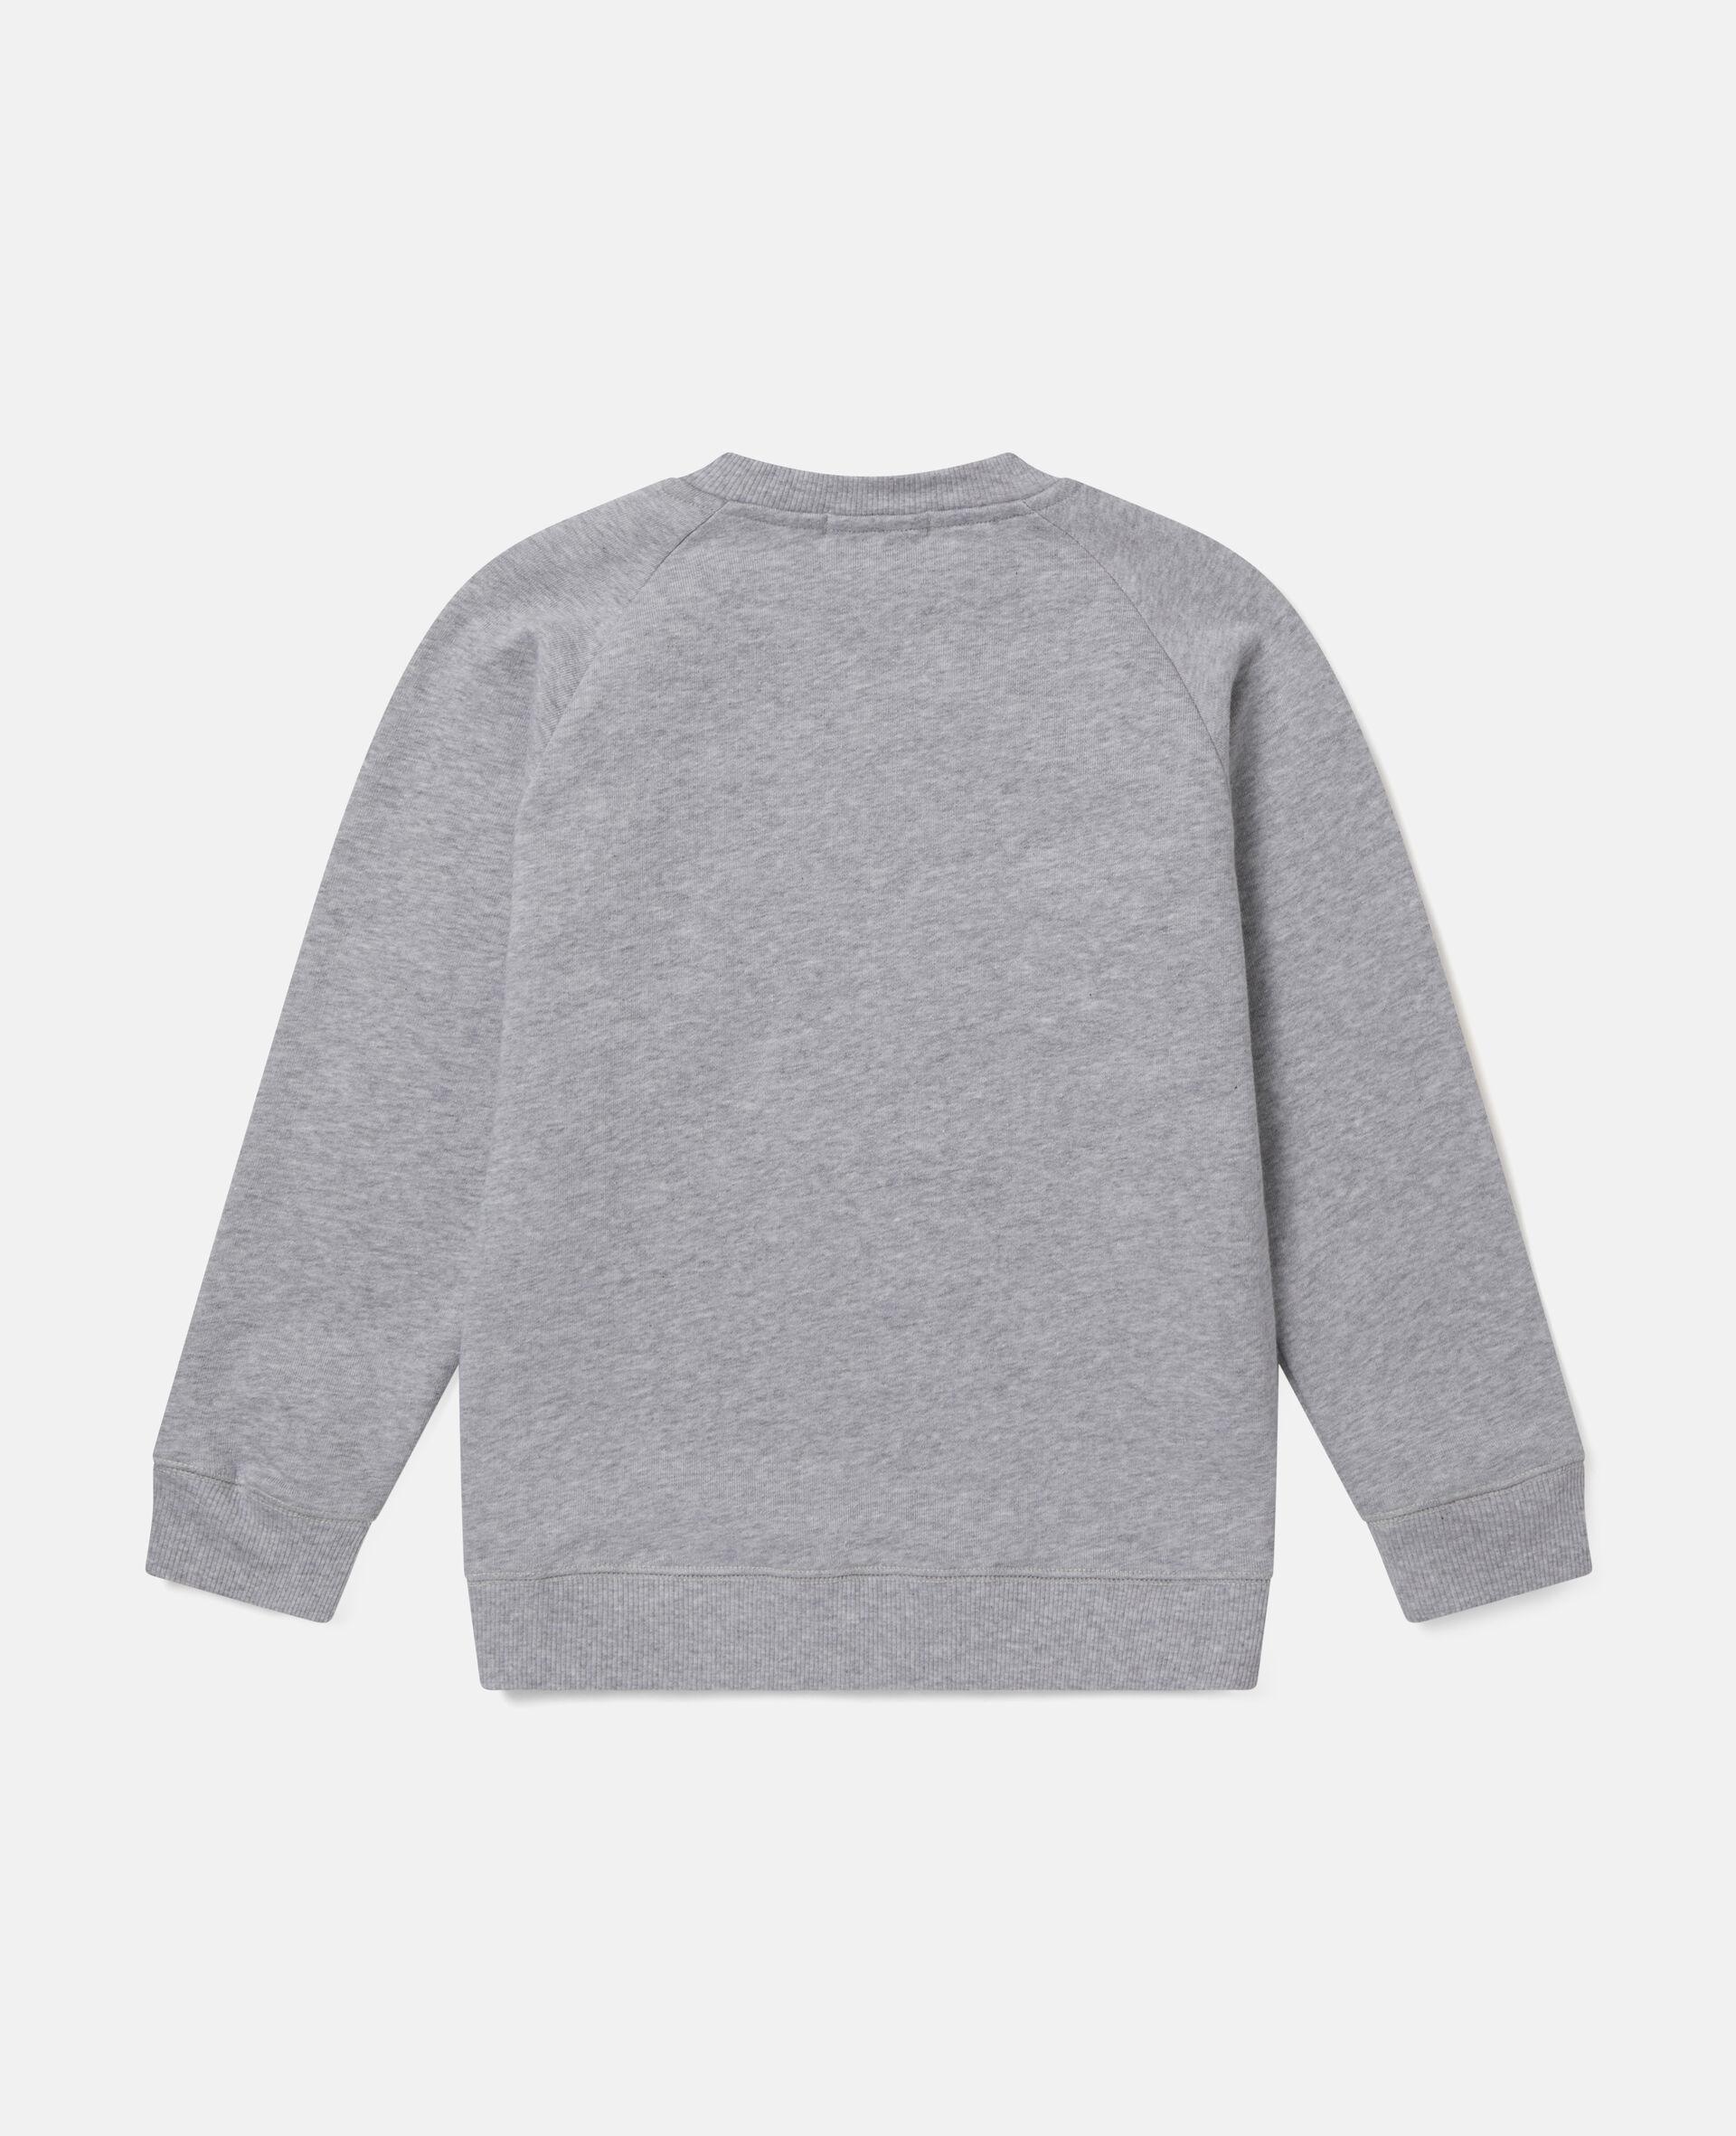 Baumwollfleece-Sweatshirt mit Gänseblümchenherz-Motiv -Grau-large image number 2